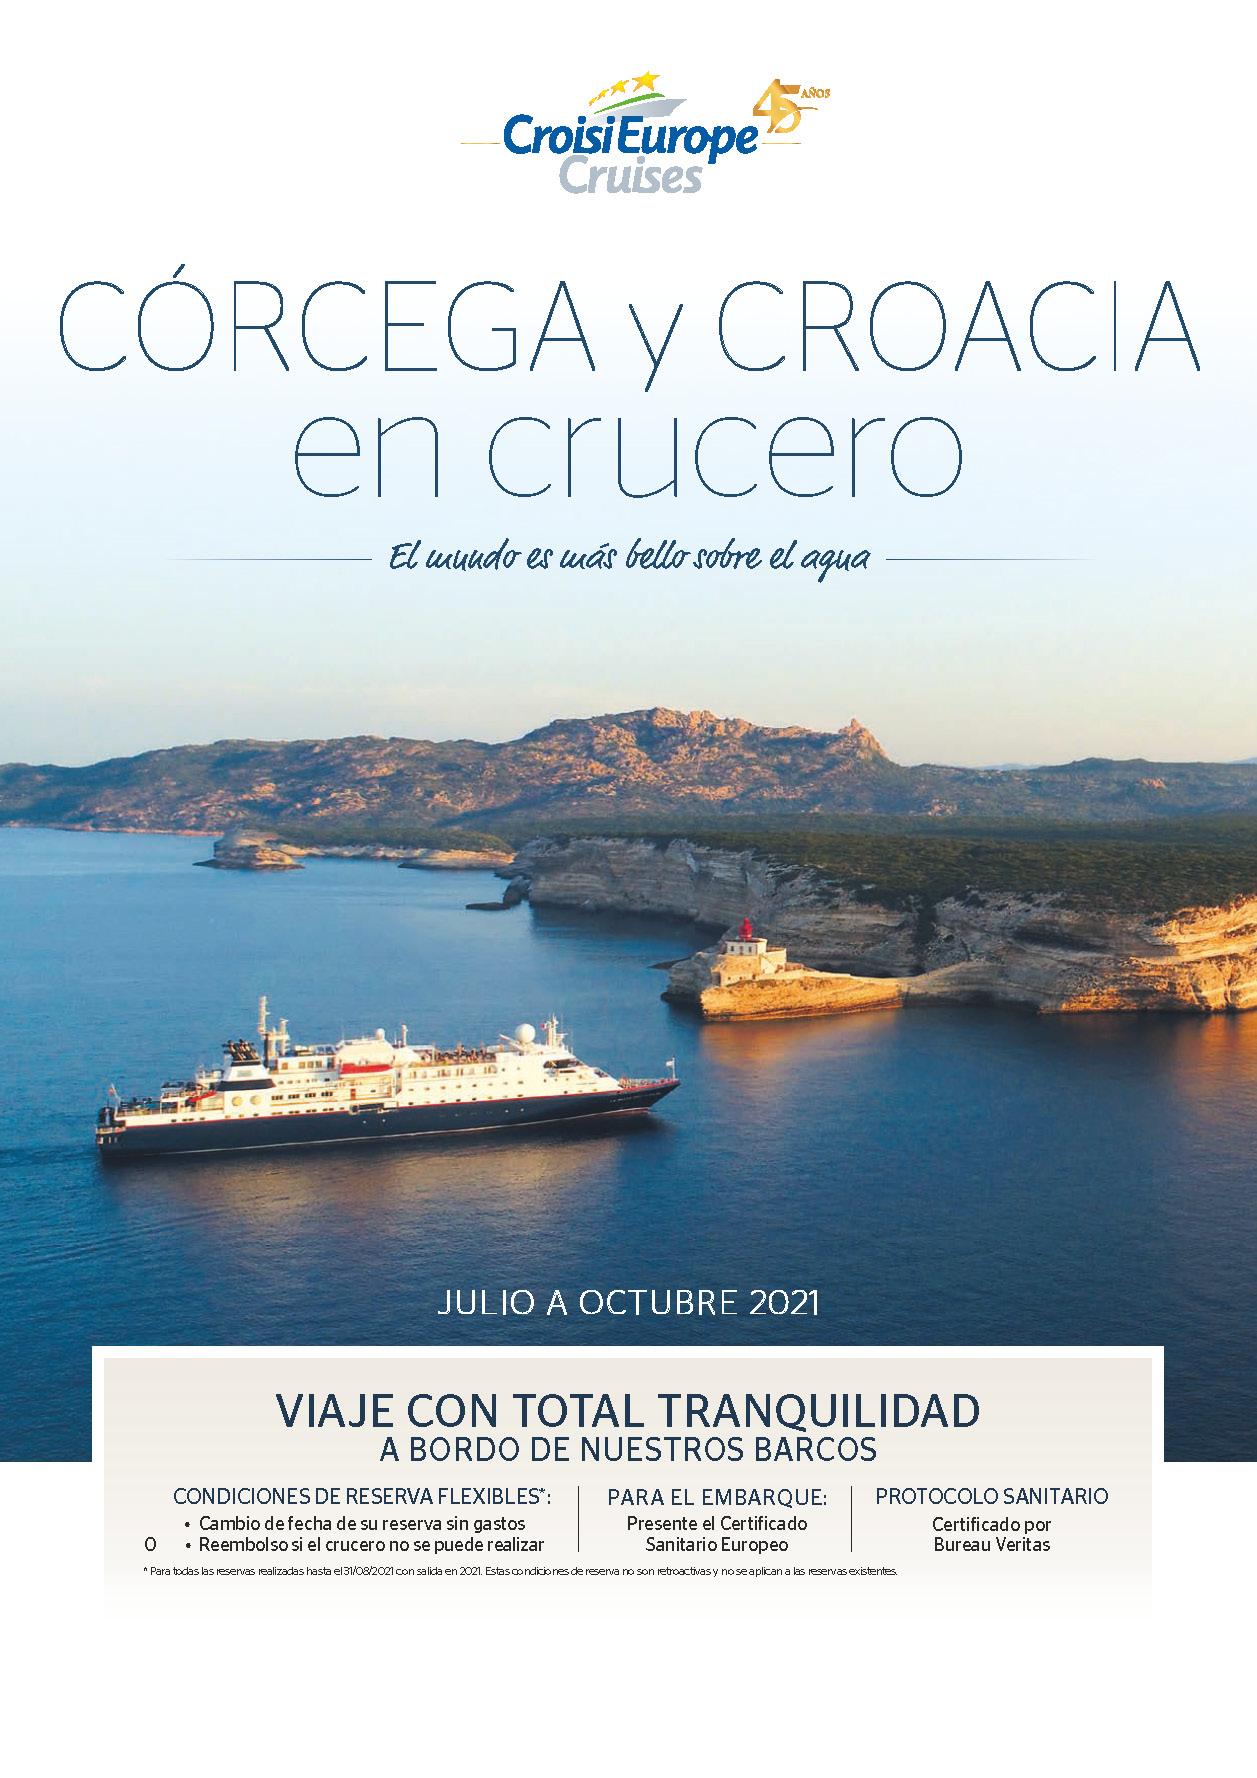 Catalogo CroisiEurope Corcega y Croacia Verano 2021